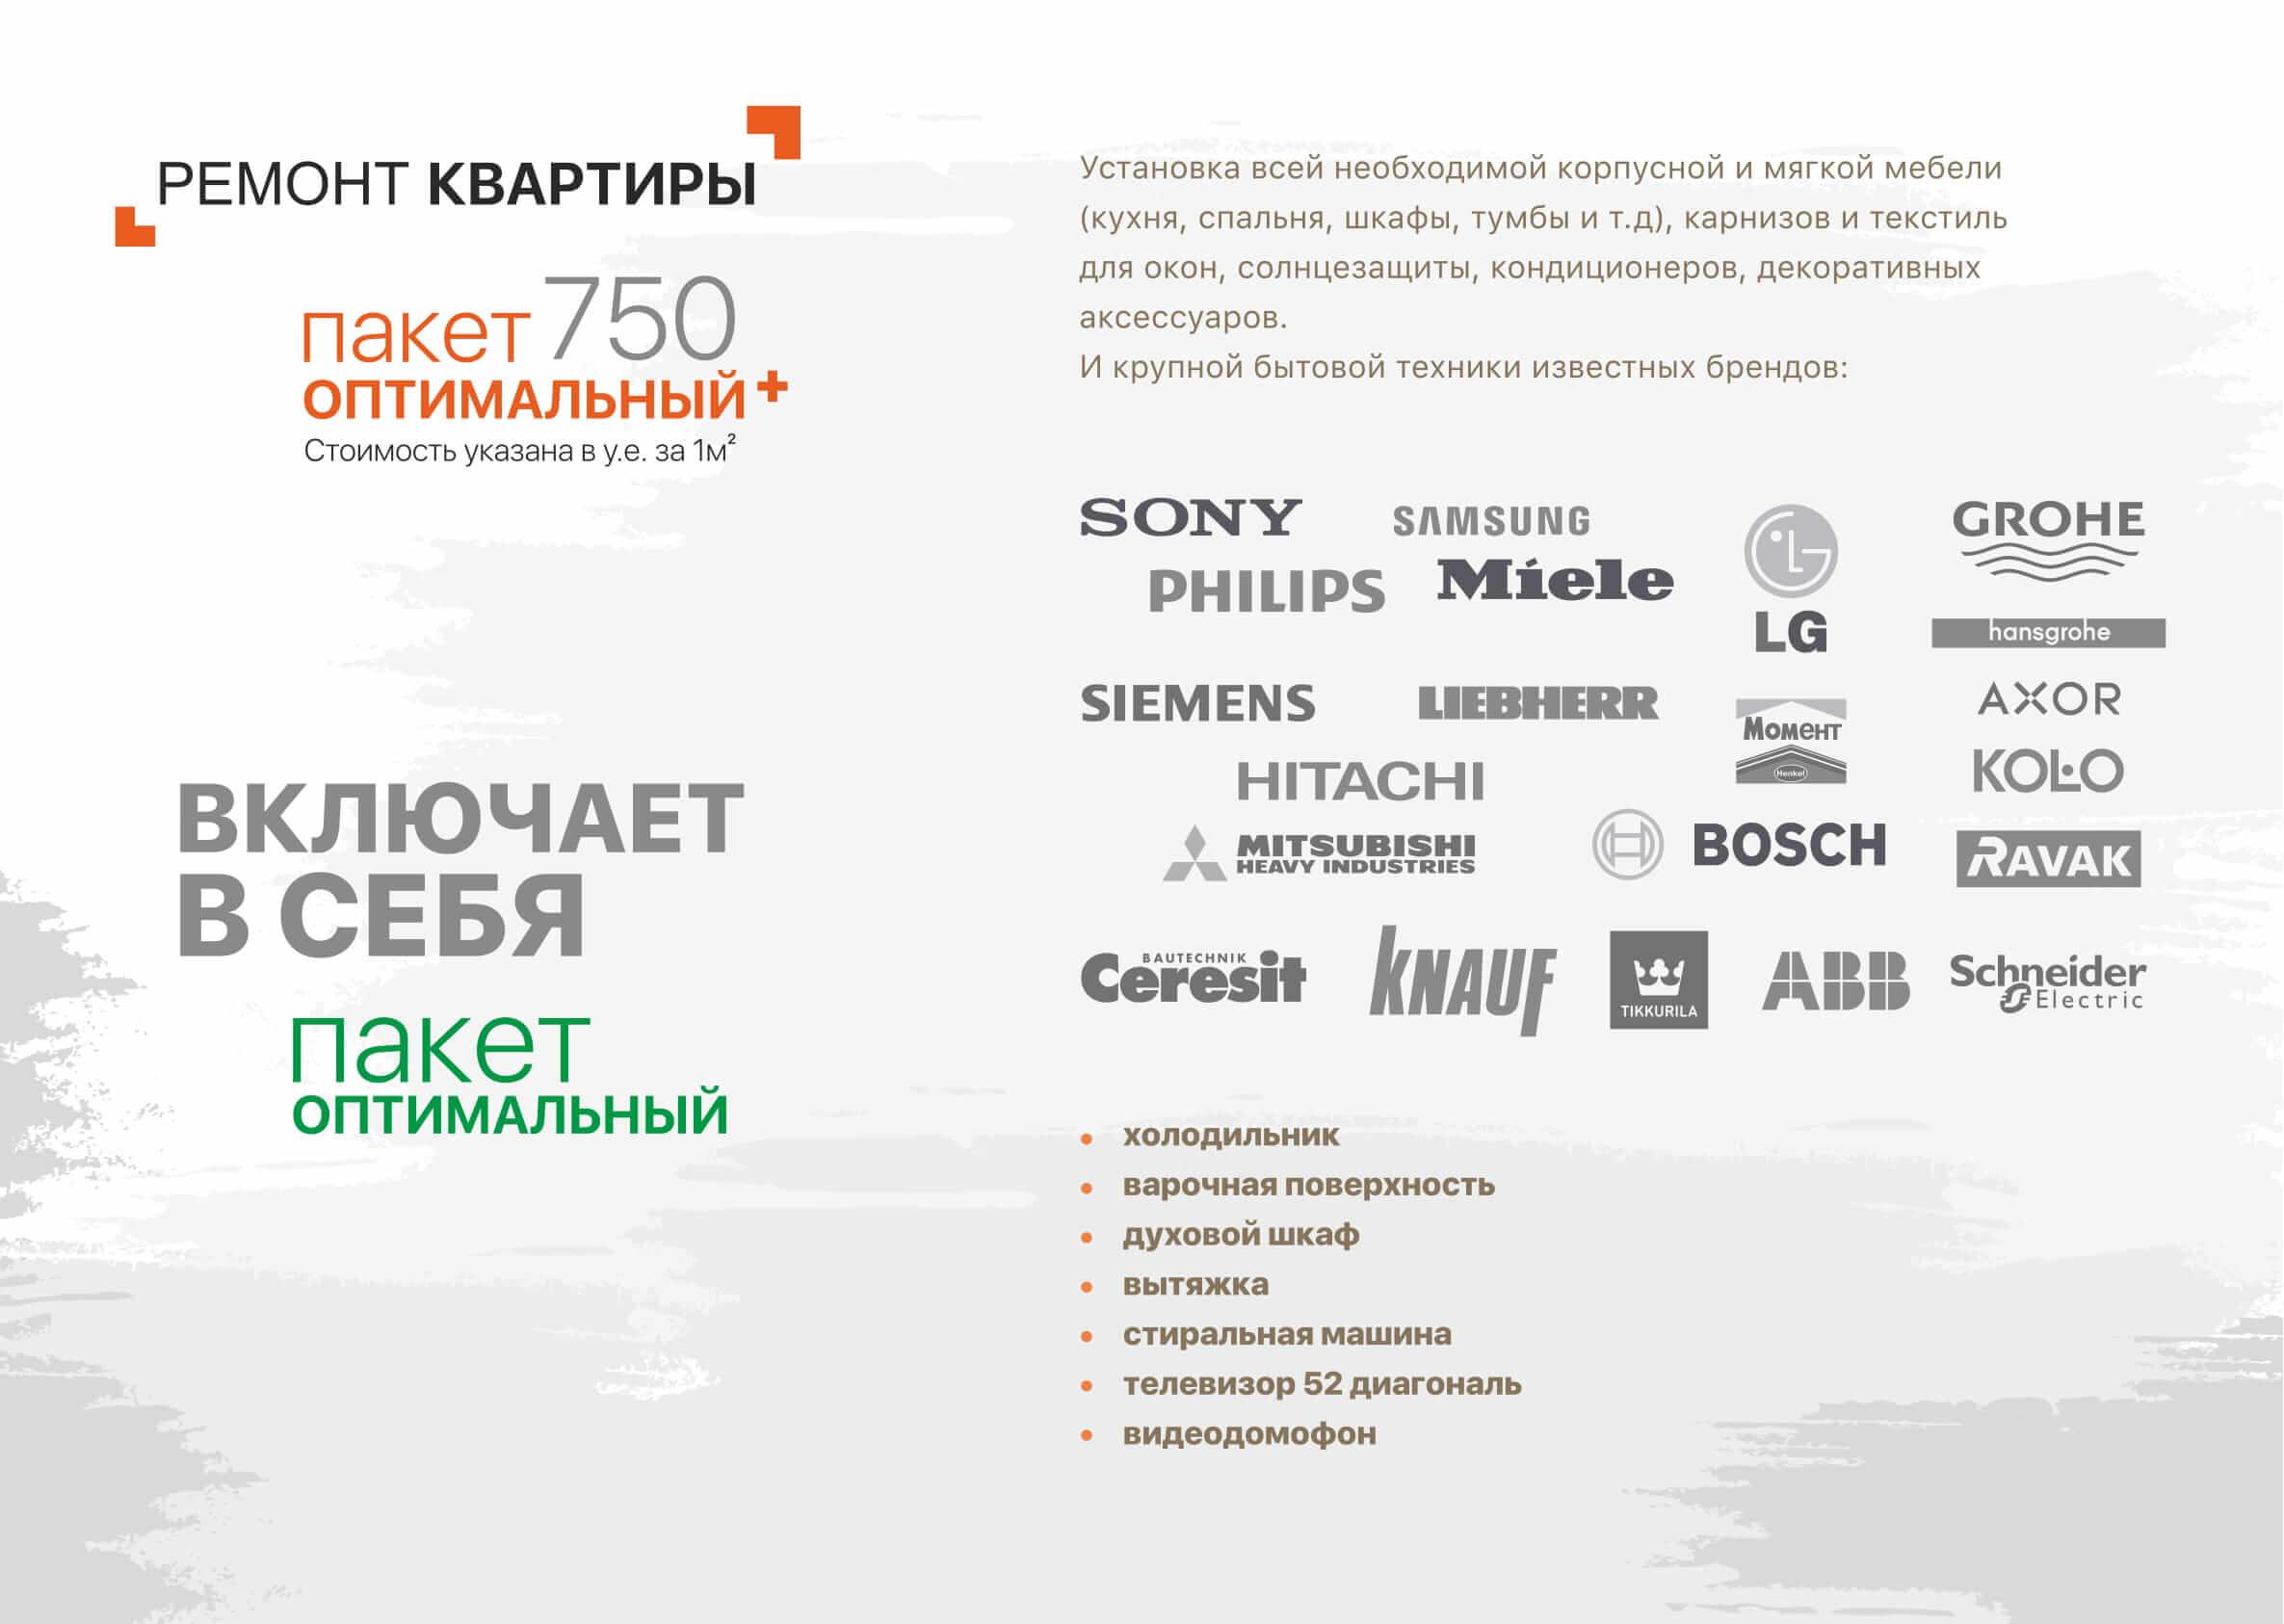 Харьков ЖК Континенталь ремонт оптимальный плюс Харьков